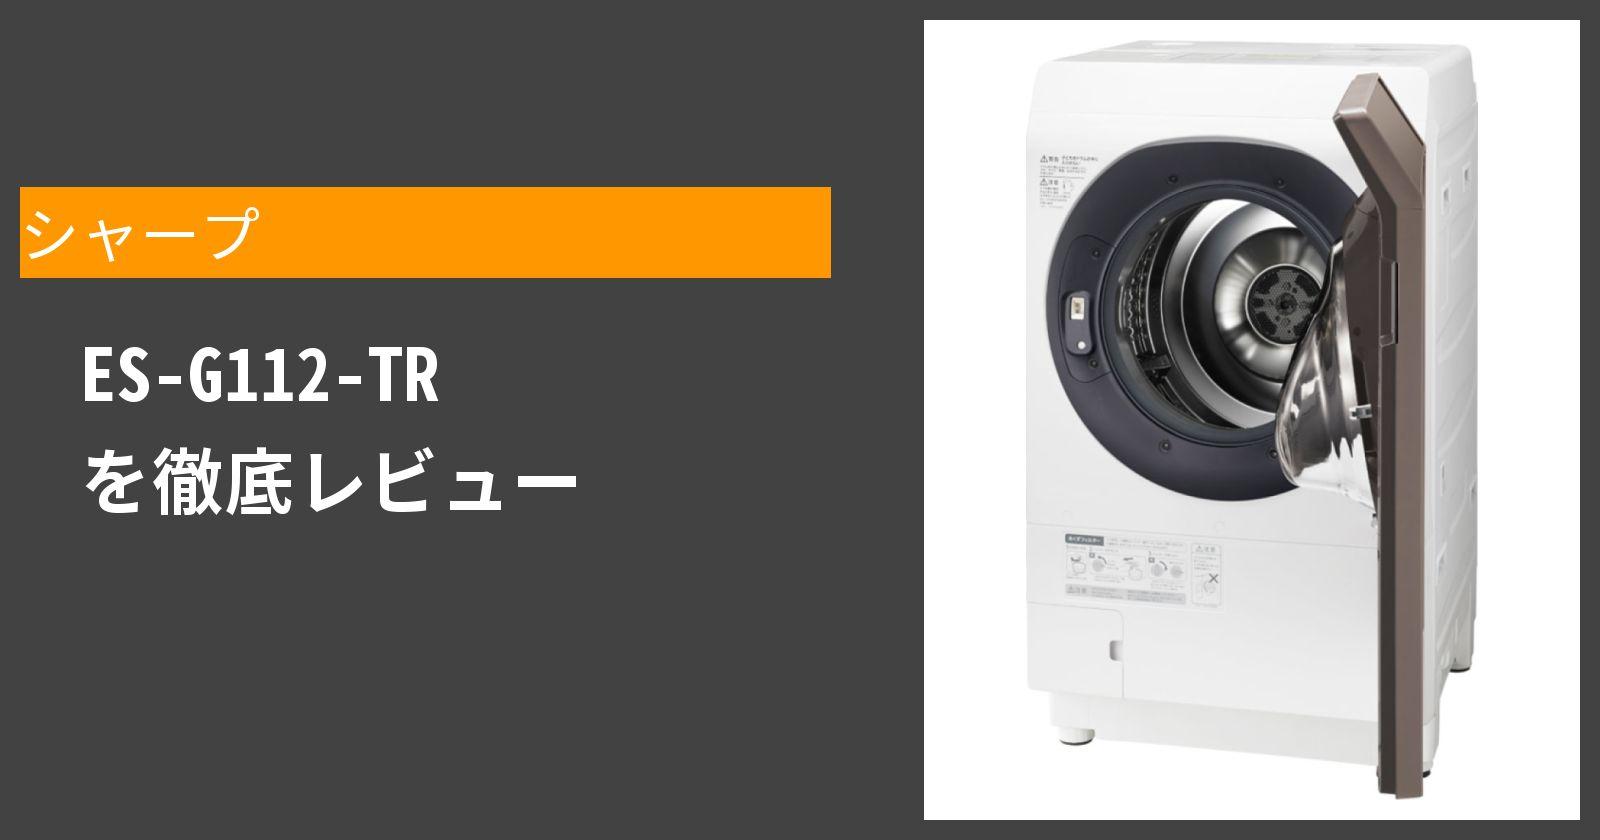 ES-G112-TRを徹底評価